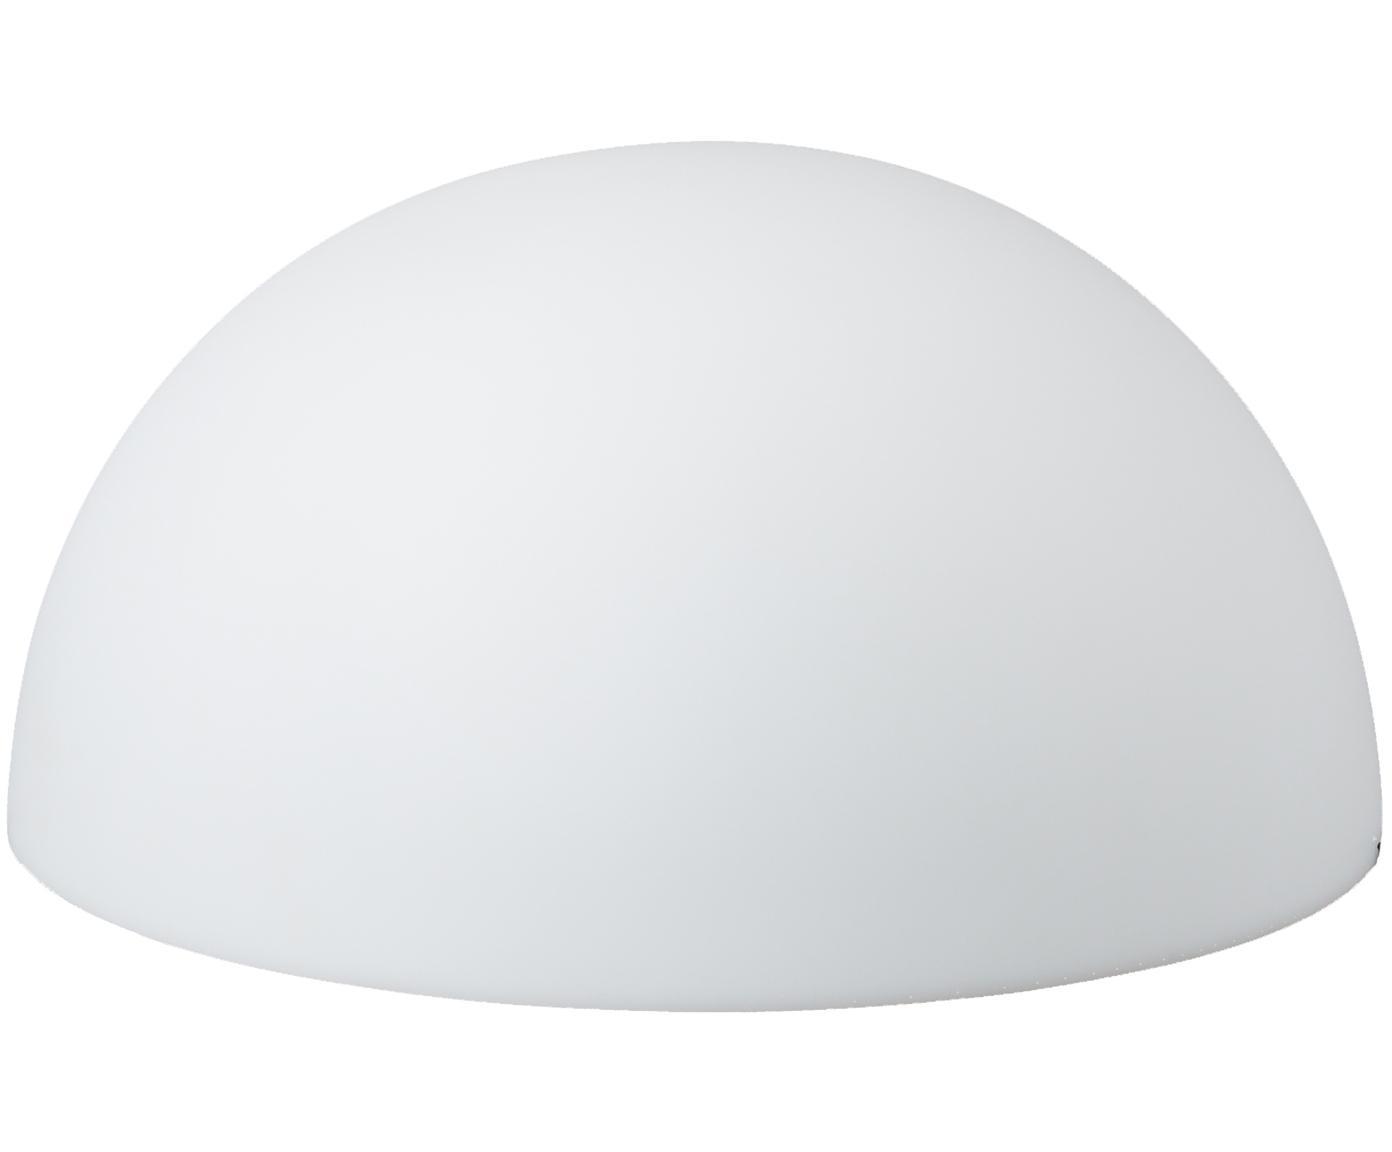 Tuinlamp Mezzo met stekker, Kunststof, Wit, Ø 65 x H 32 cm